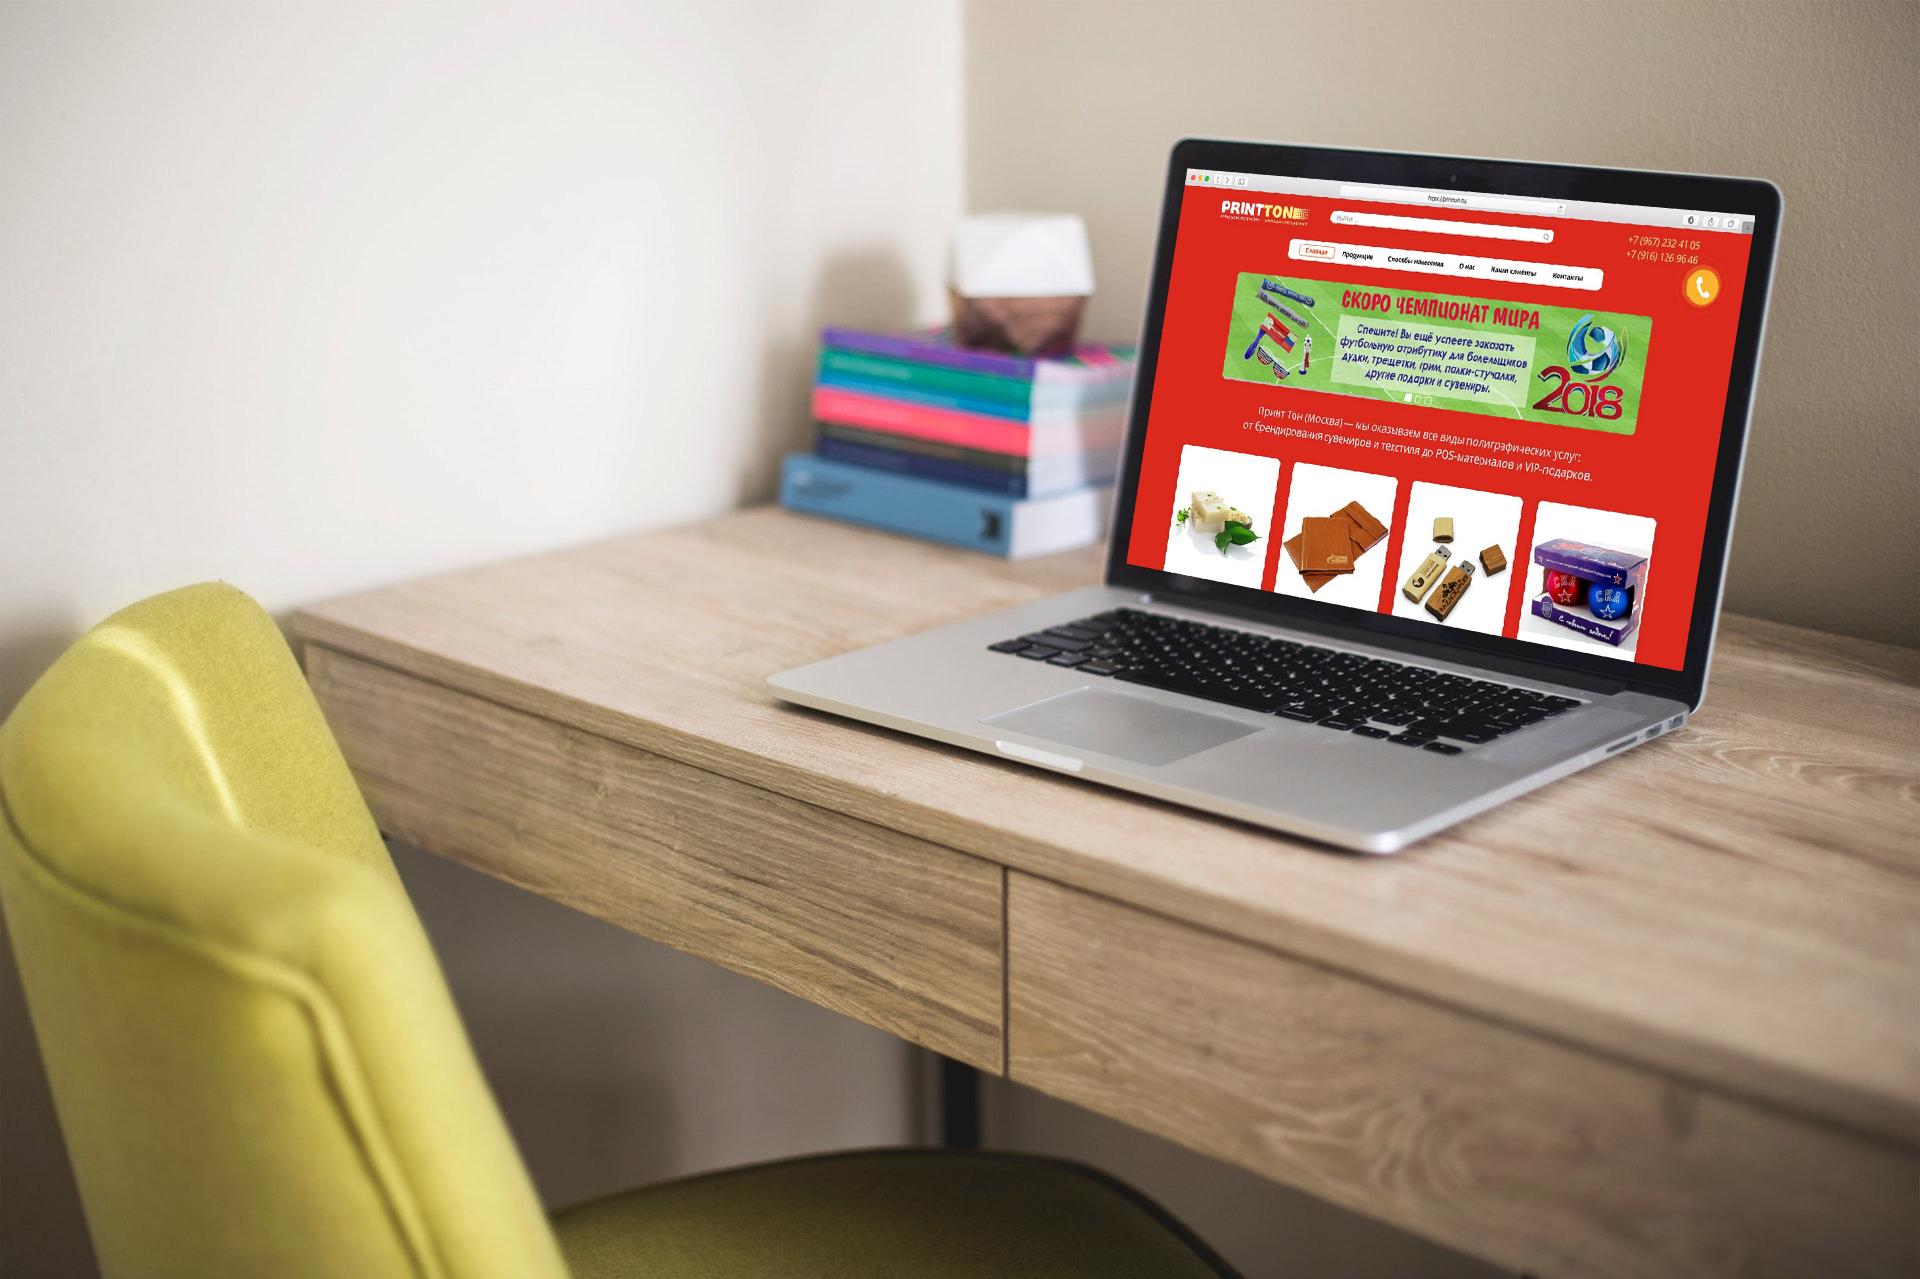 Сайт-каталог производителя рекламной продукции